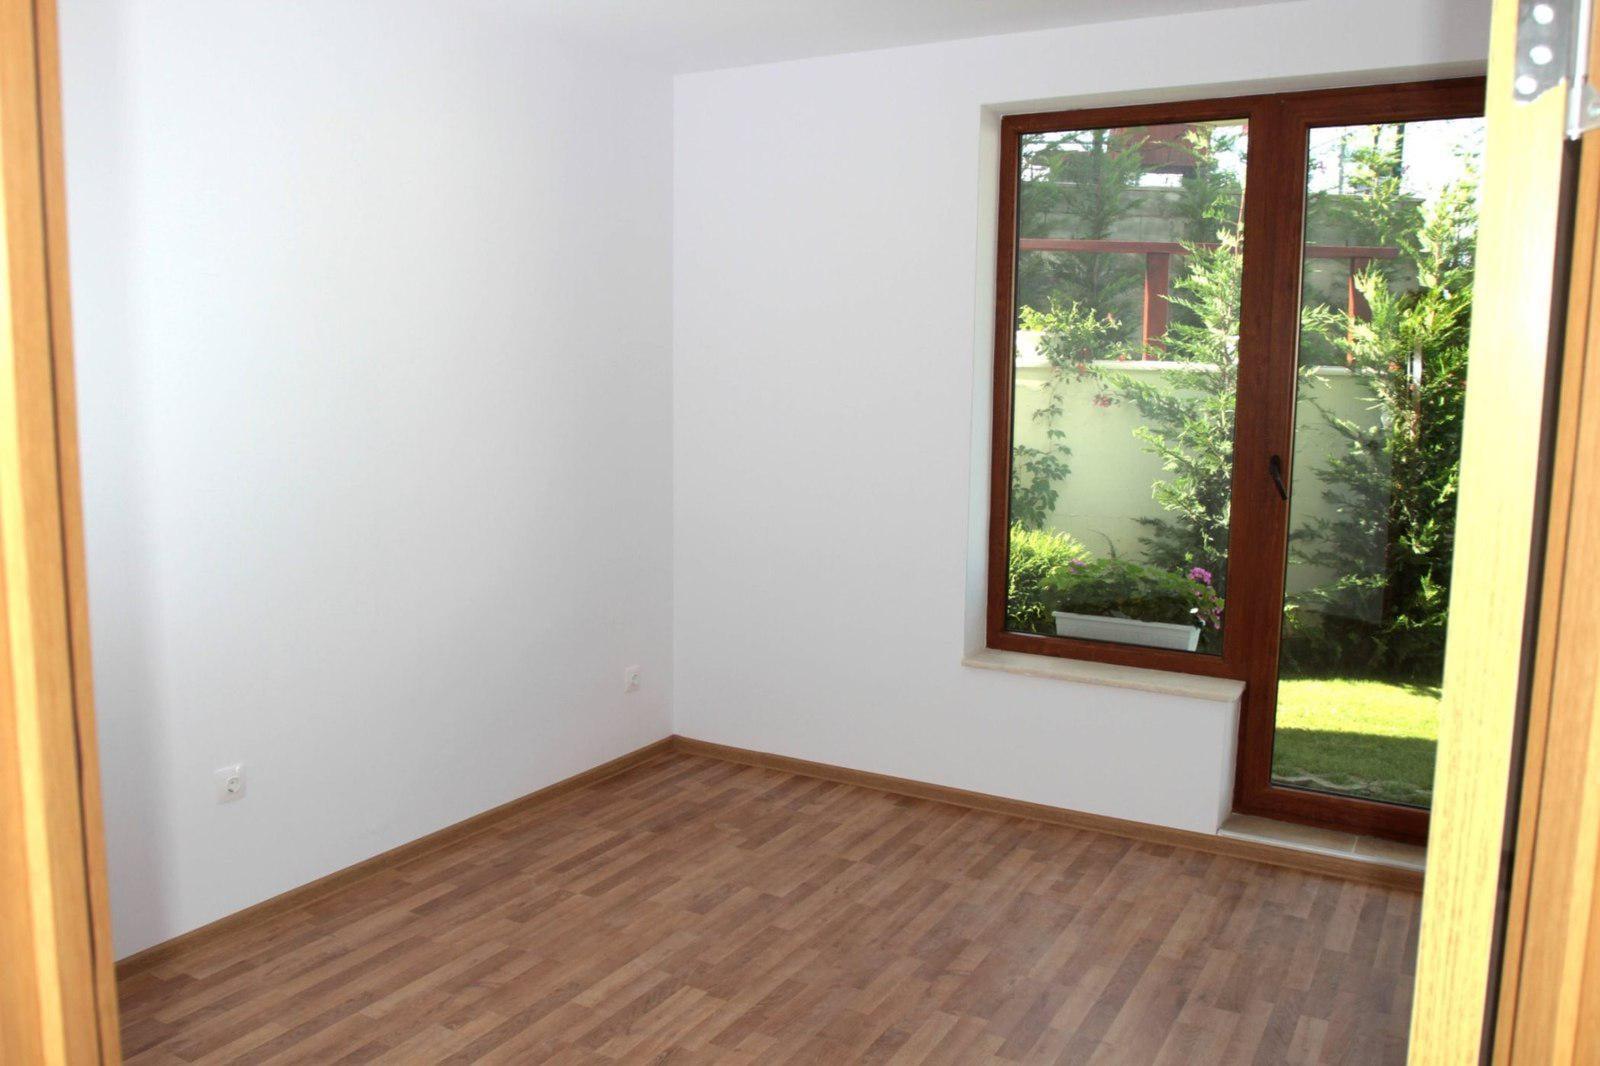 billige ferienwohnungen zum verkauf in obzor immobilien in bulgarien kaufen wohnungen und. Black Bedroom Furniture Sets. Home Design Ideas